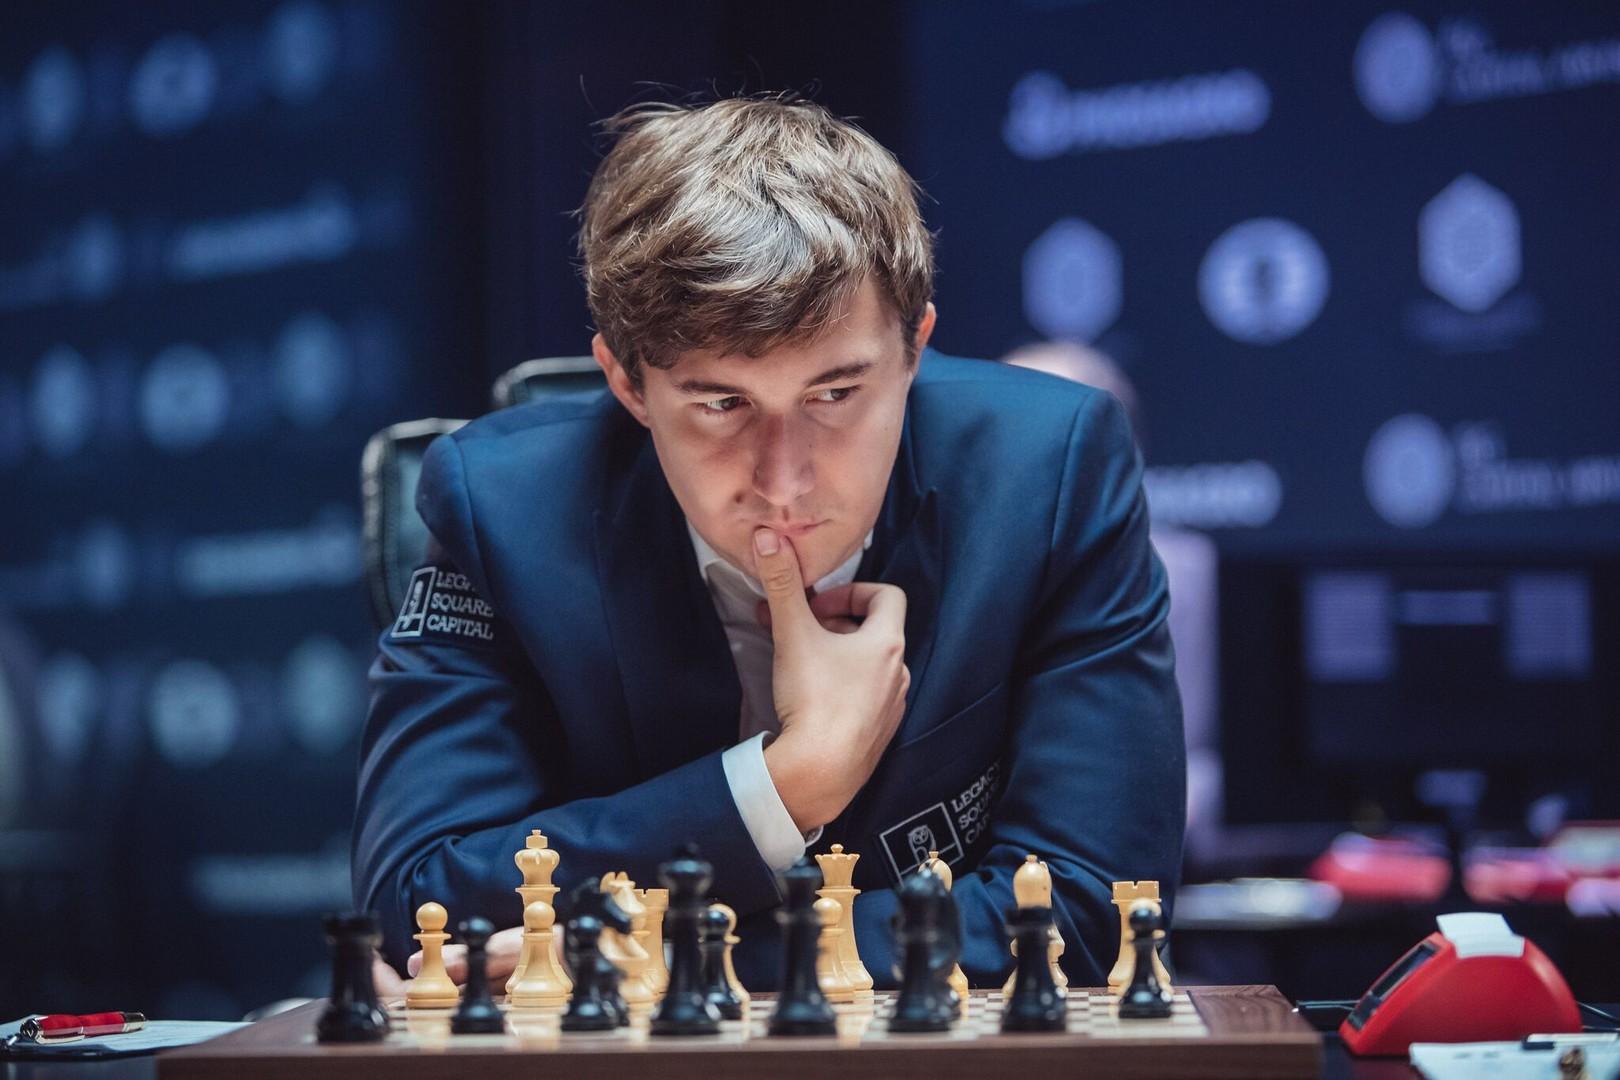 Ничья без риска: Карякин и Карлсен разошлись миром в 11-й партии матча за шахматную корону